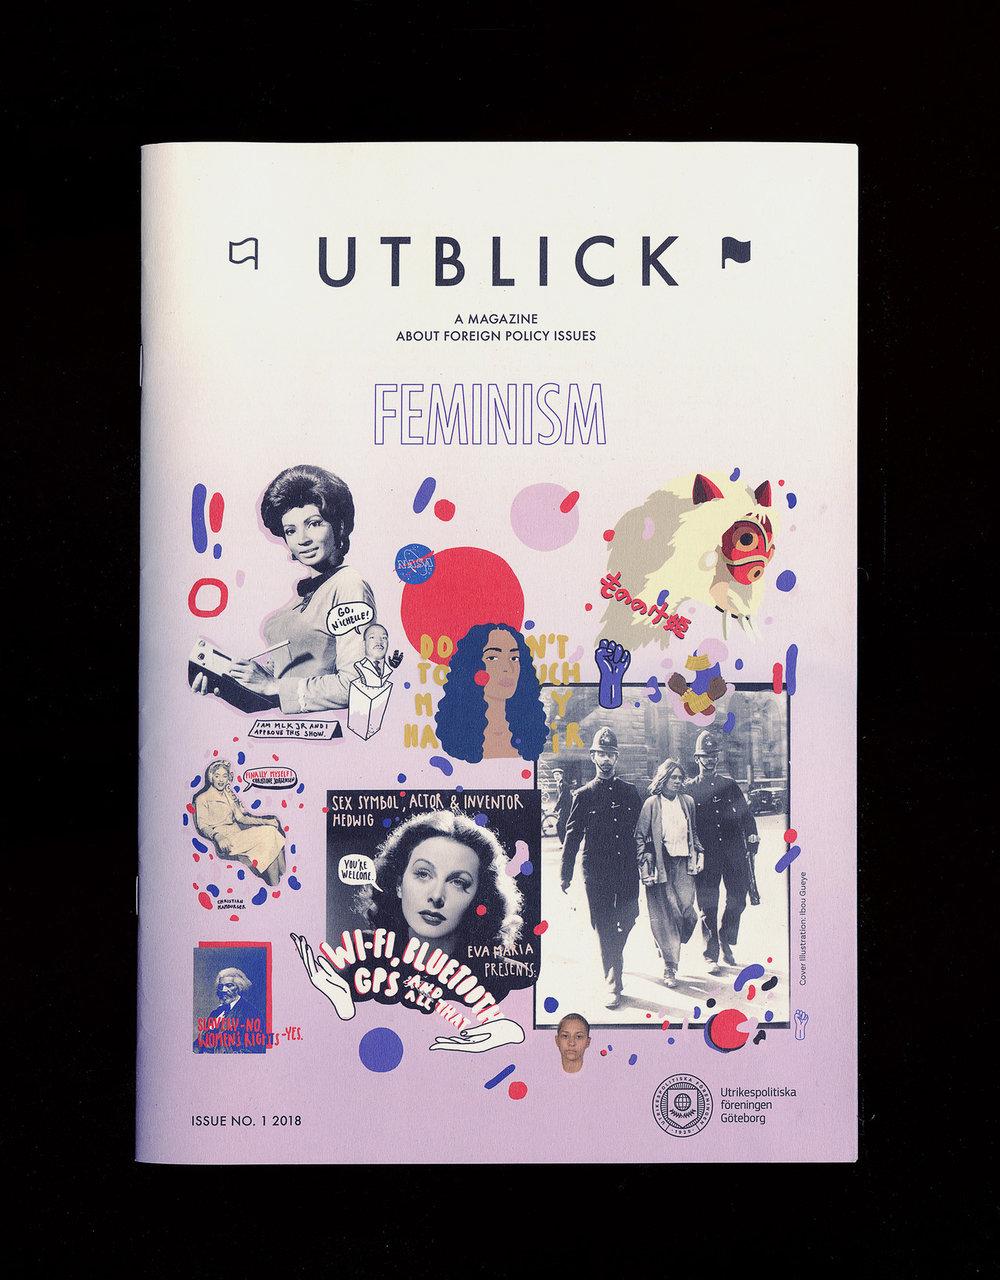 © Ibou Gueye, 'Feminism', cover illustration for UTBLICK, Sweden, 2018